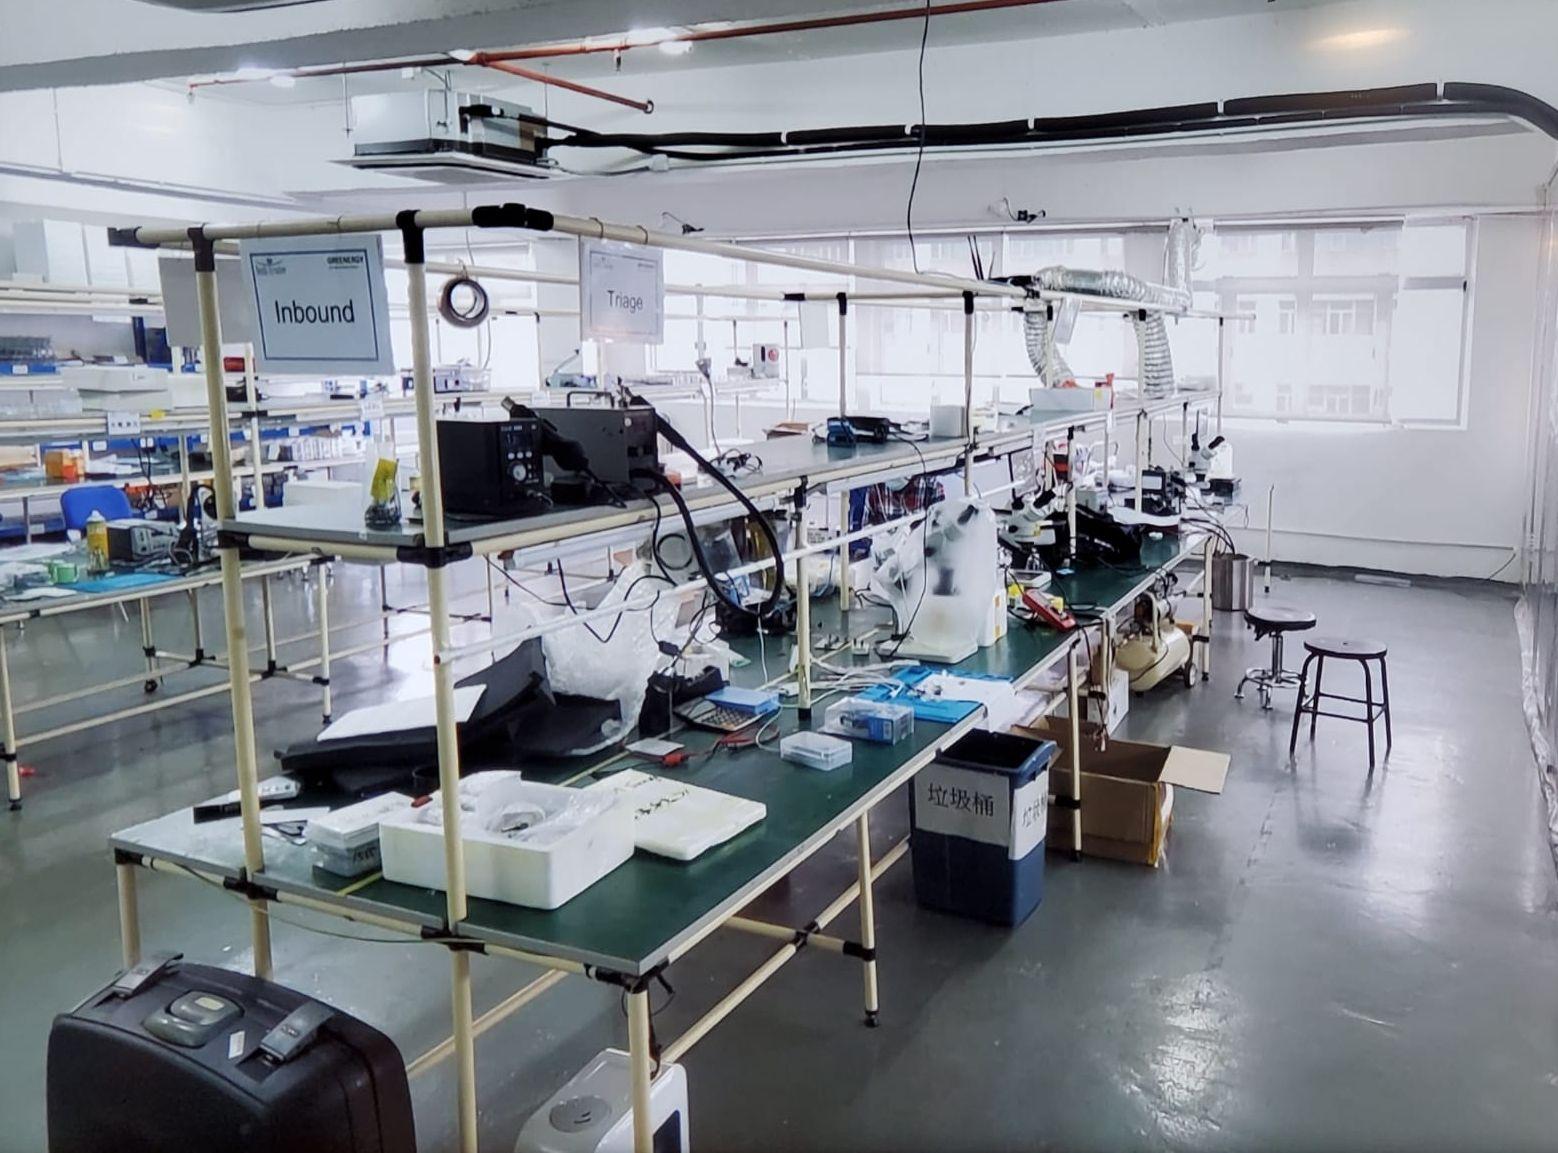 海關搗破一個冒牌手提電話配件維修工場連倉庫。